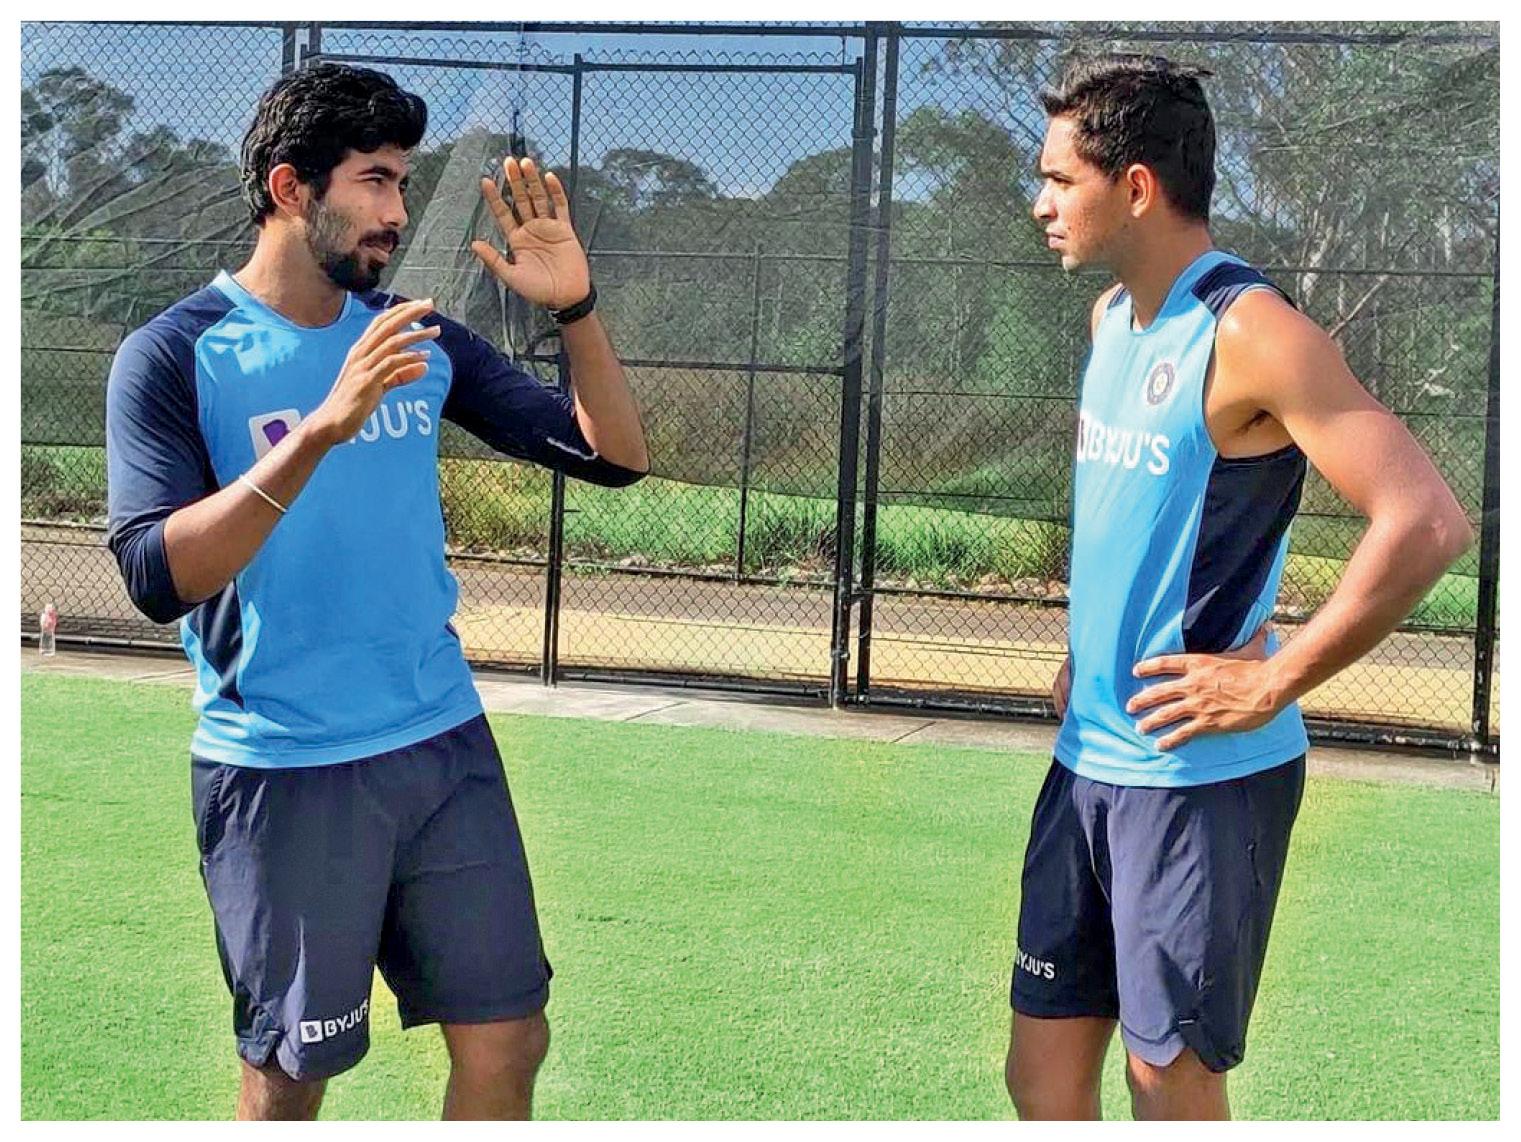 620 करोड़ का घाटा झेल रहे ऑस्ट्रेलियन बोर्ड को भारत के दौरे से 1560 करोड़ कमाई की उम्मीद स्पोर्ट्स,Sports - Dainik Bhaskar